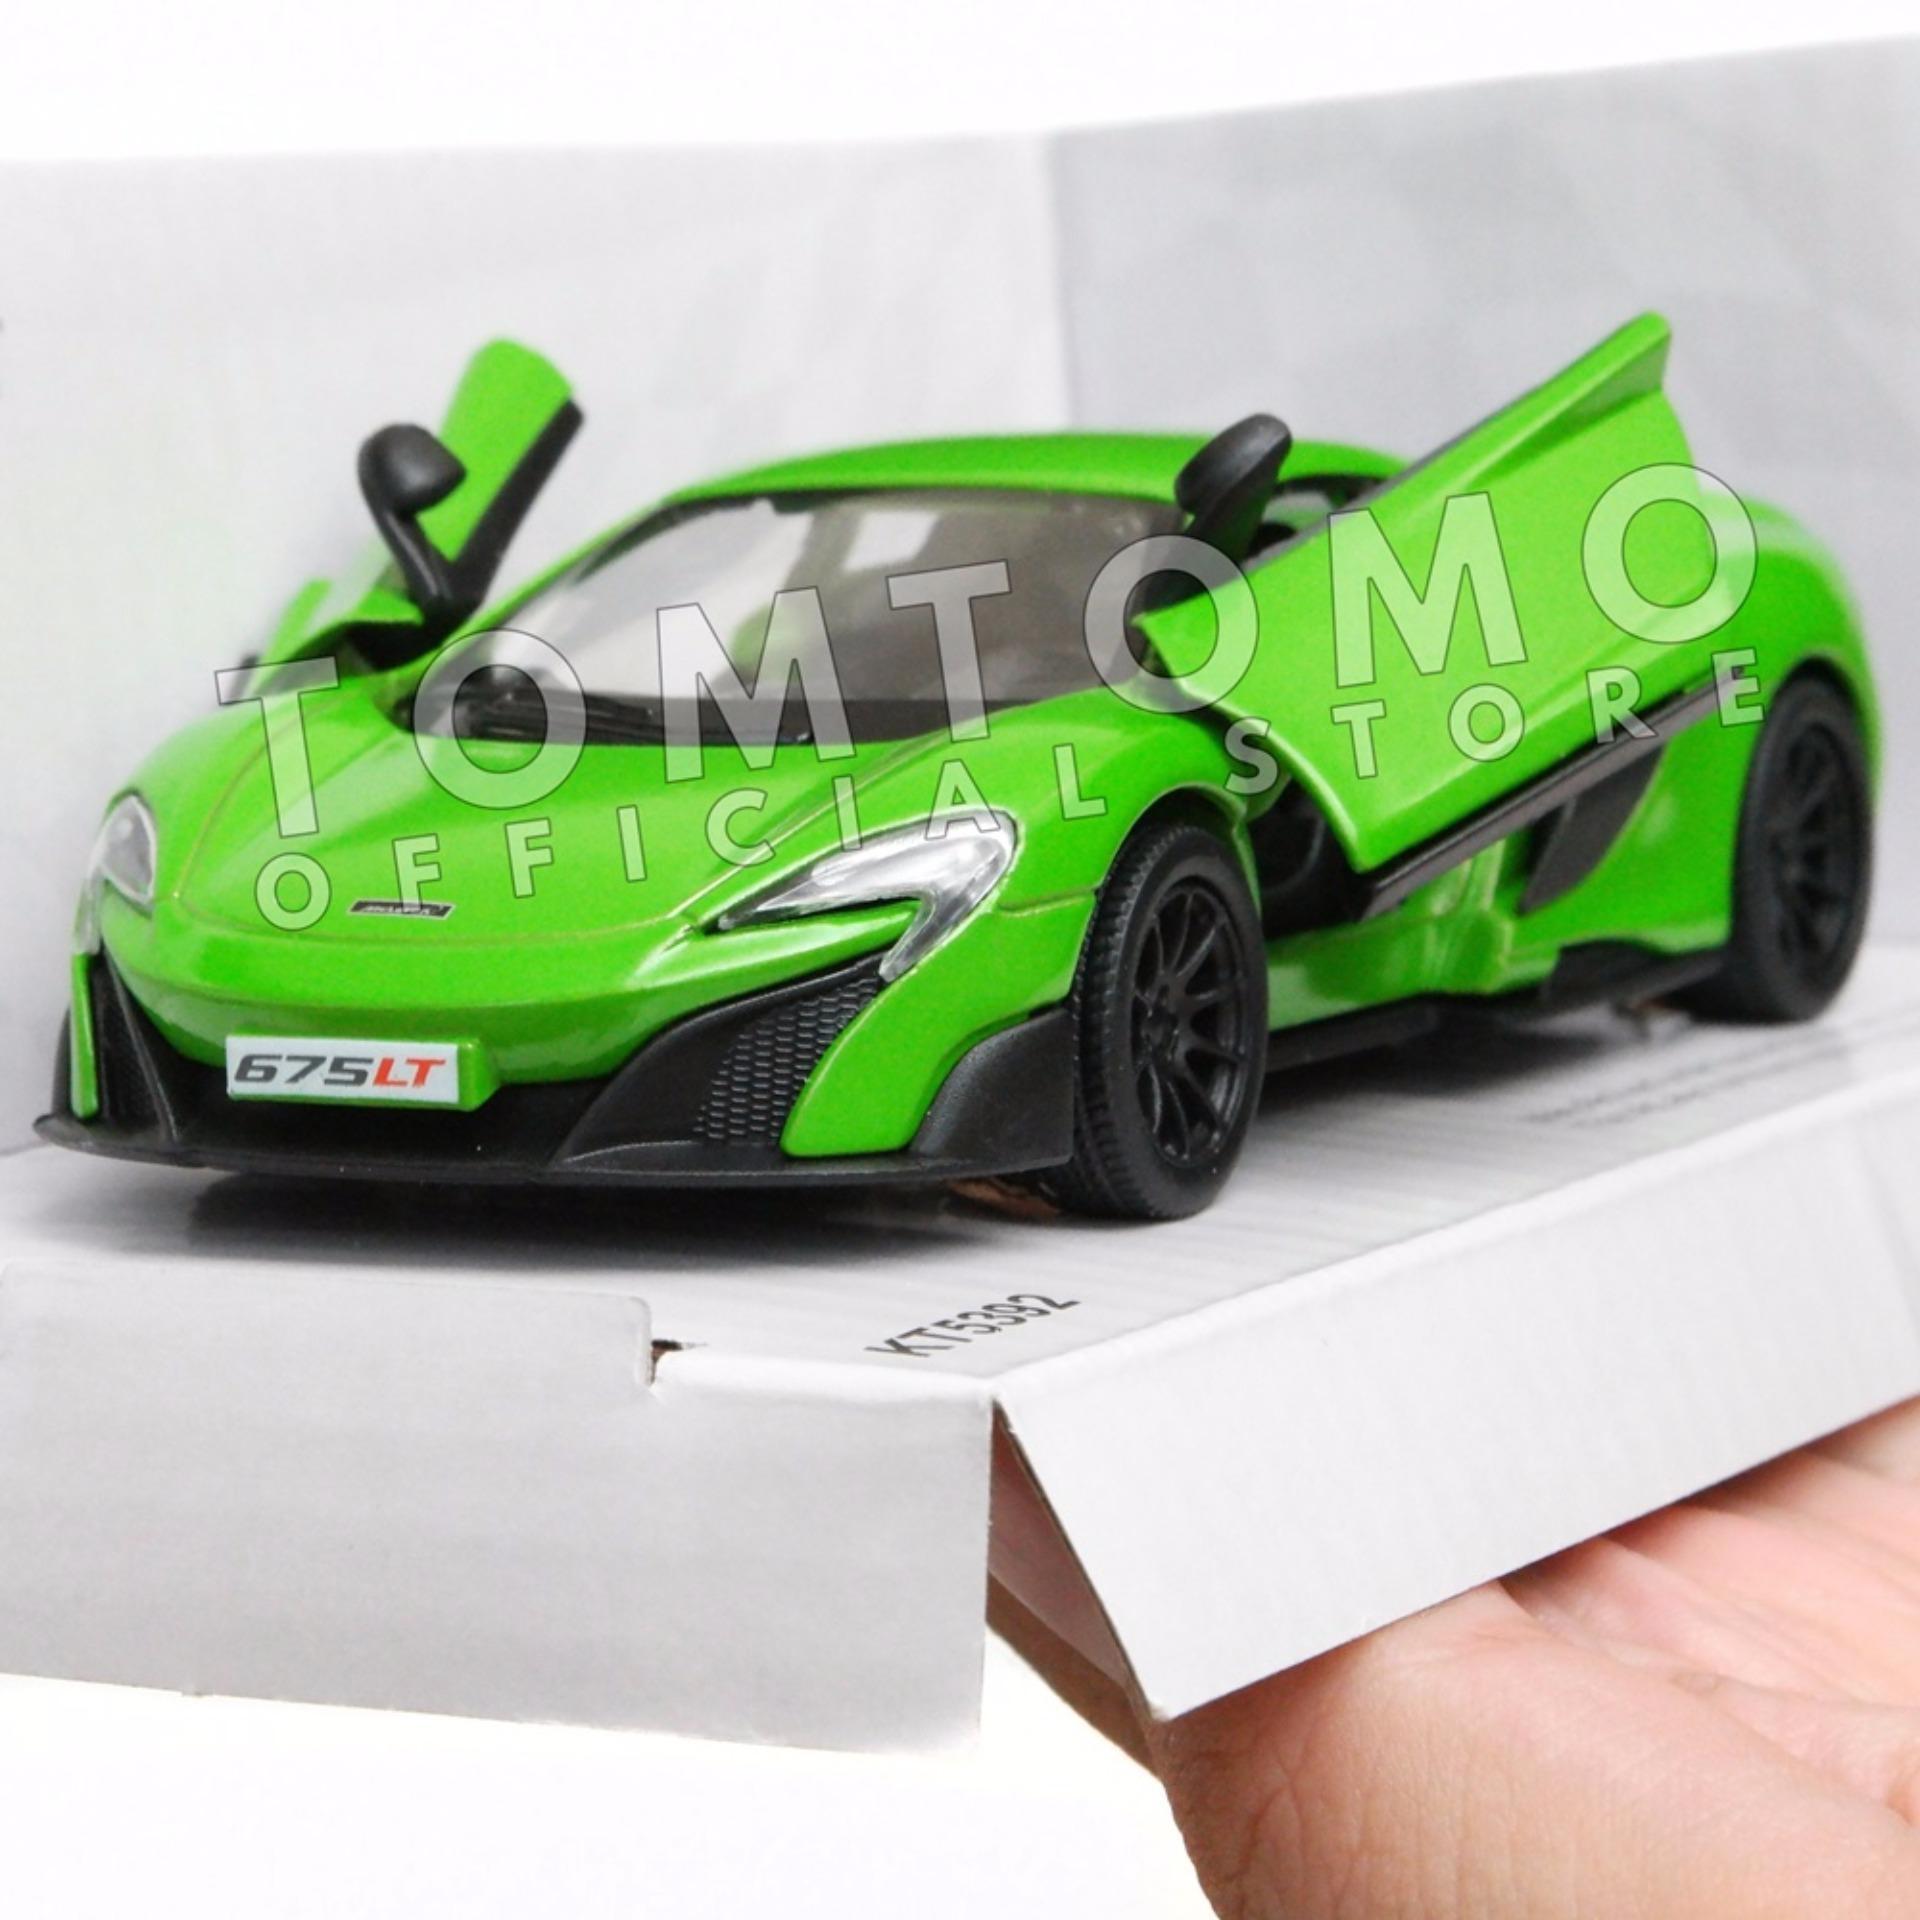 Daftar Harga Mclaren 675lt Diecast Miniatur Mobil Mobilan Sedan Kado